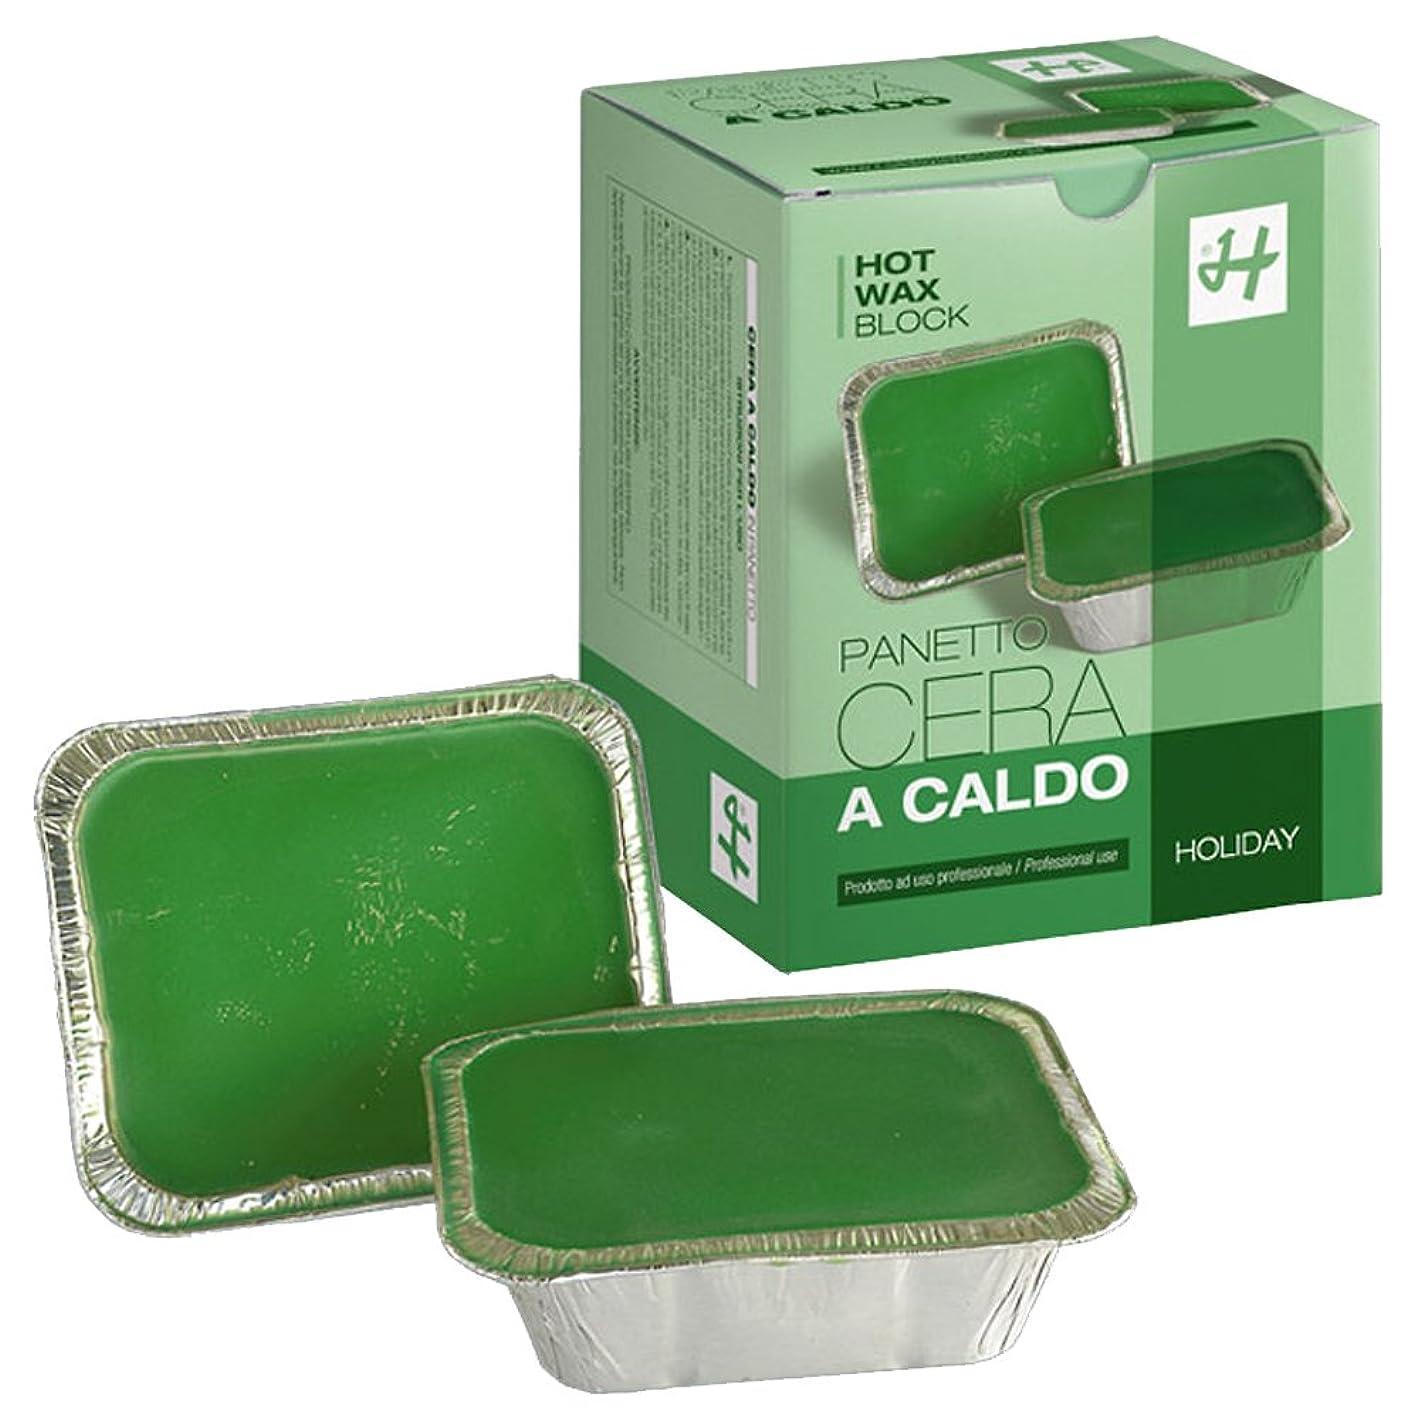 洗う死すべき増強するHOLIDAY JAPAN (ホリデイジャパン) ホットワックス?グリーン 500g×2個 ハードワックス ブロックワックス イタリア製 ブラジリアンワックス WAX